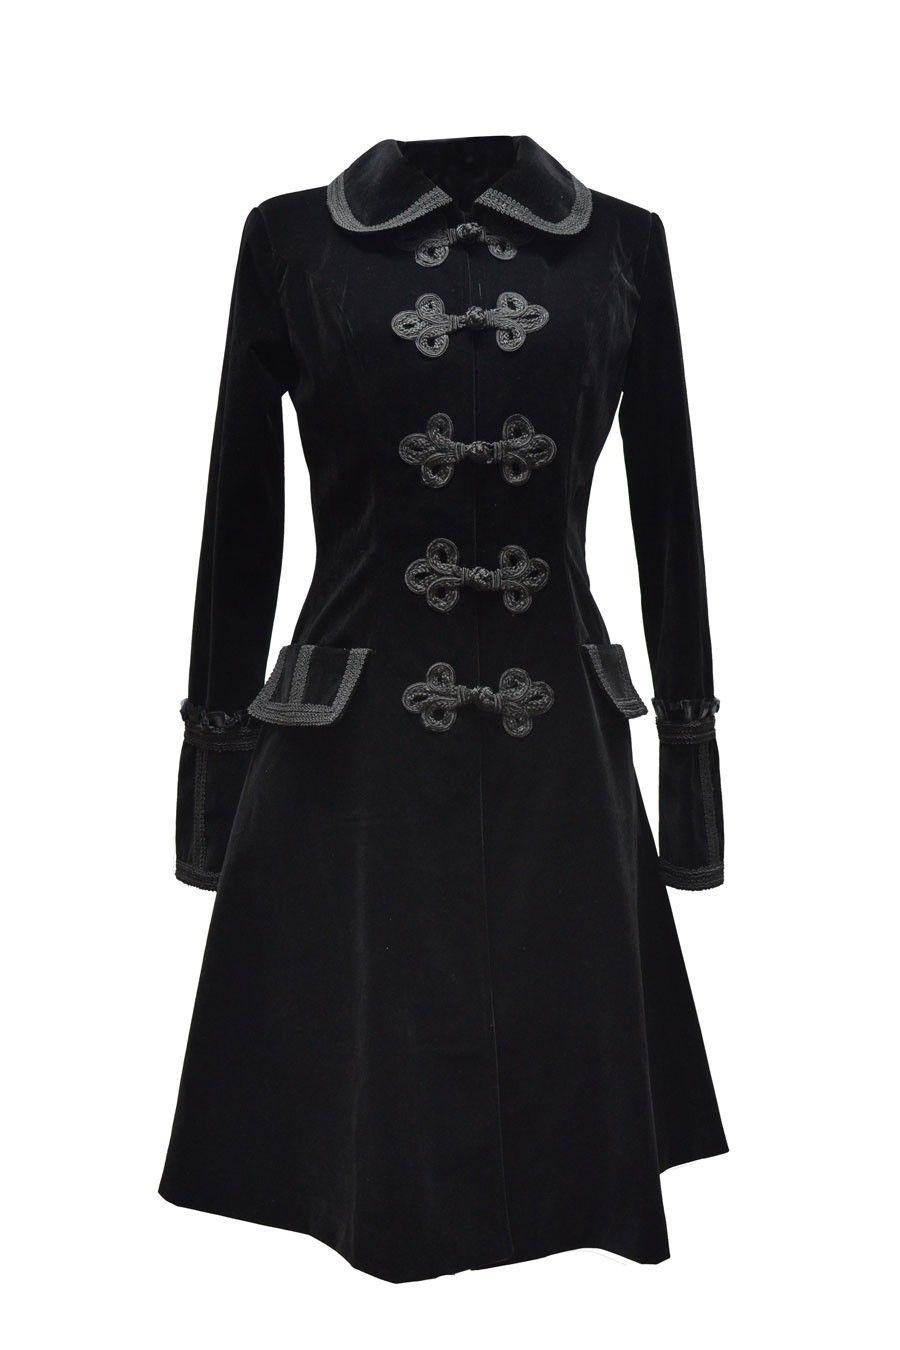 Gothique Dark Féerique Manteau Et Fantasy Boutique Romantique PRgfFq6Aw